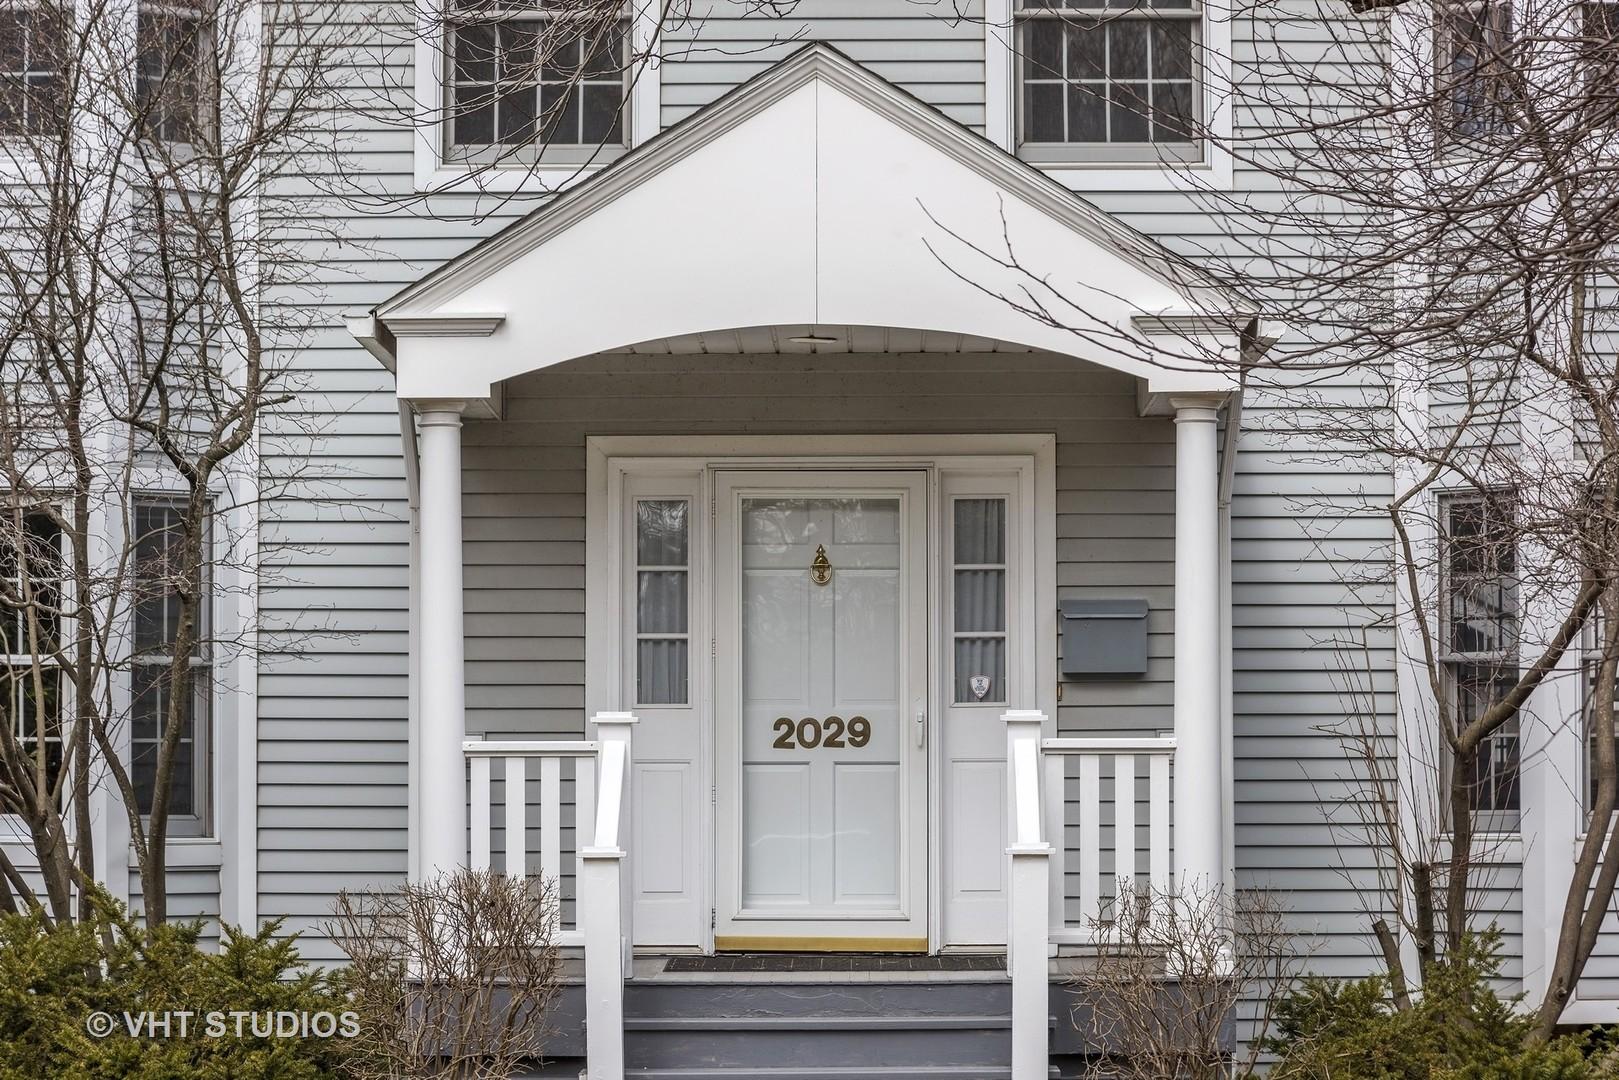 2029 Colfax, Evanston, Illinois, 60201